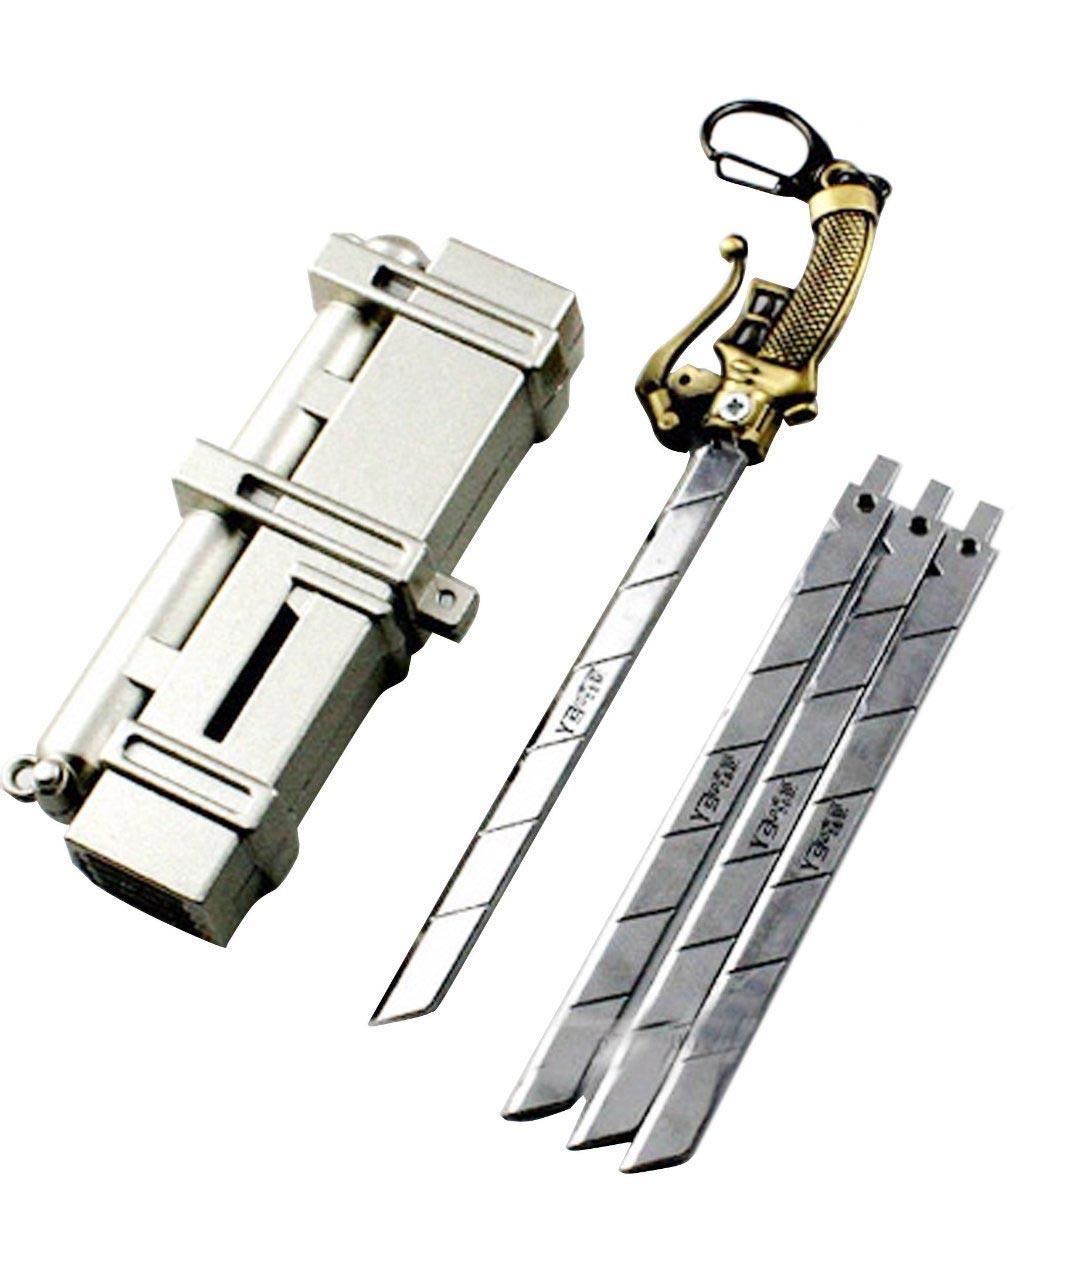 Attack on Titan Keychain 5-Piece Set 3D Maneuver Gear ...